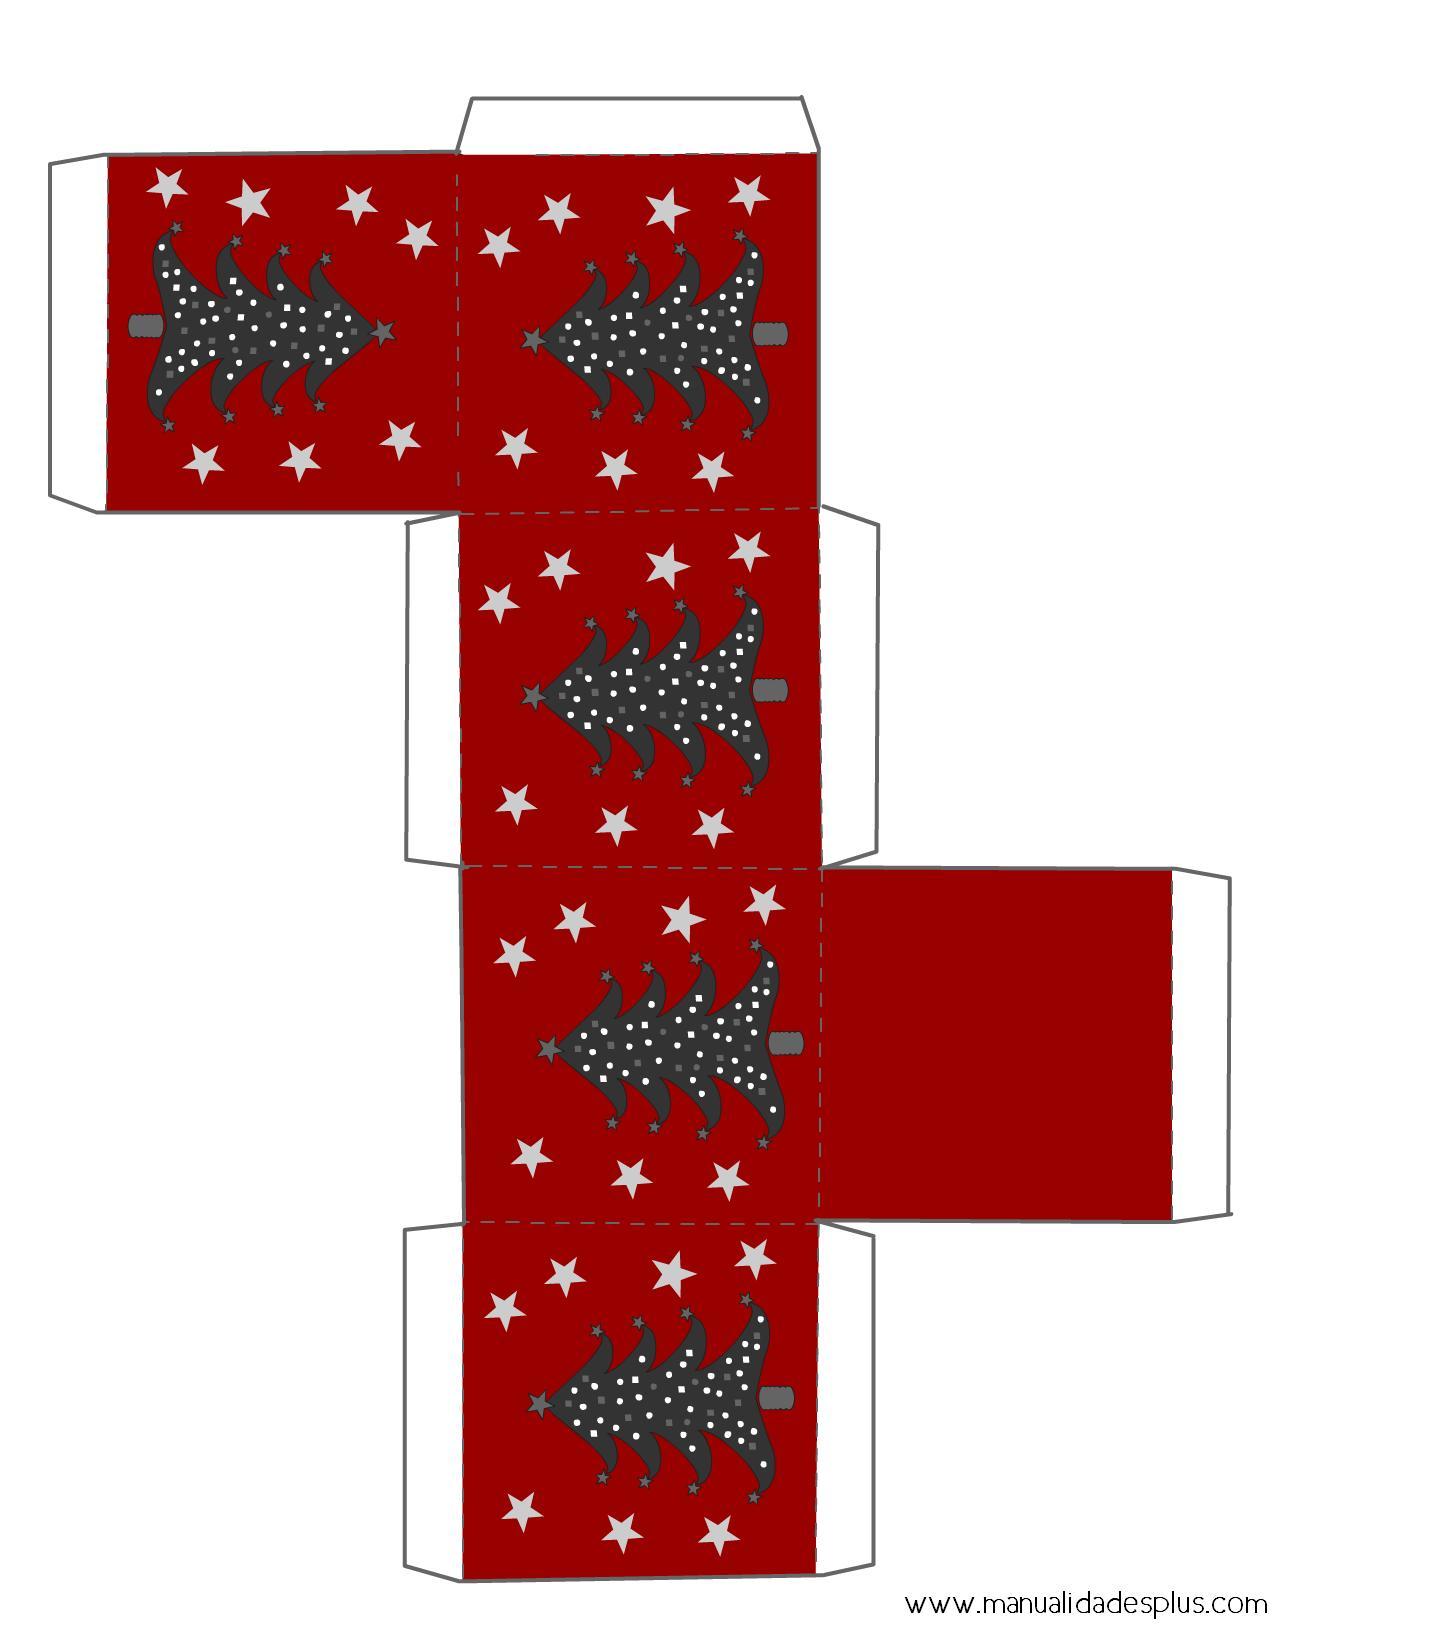 Cajas navidad para imprimir gratis for Arbol de navidad con cajas de carton